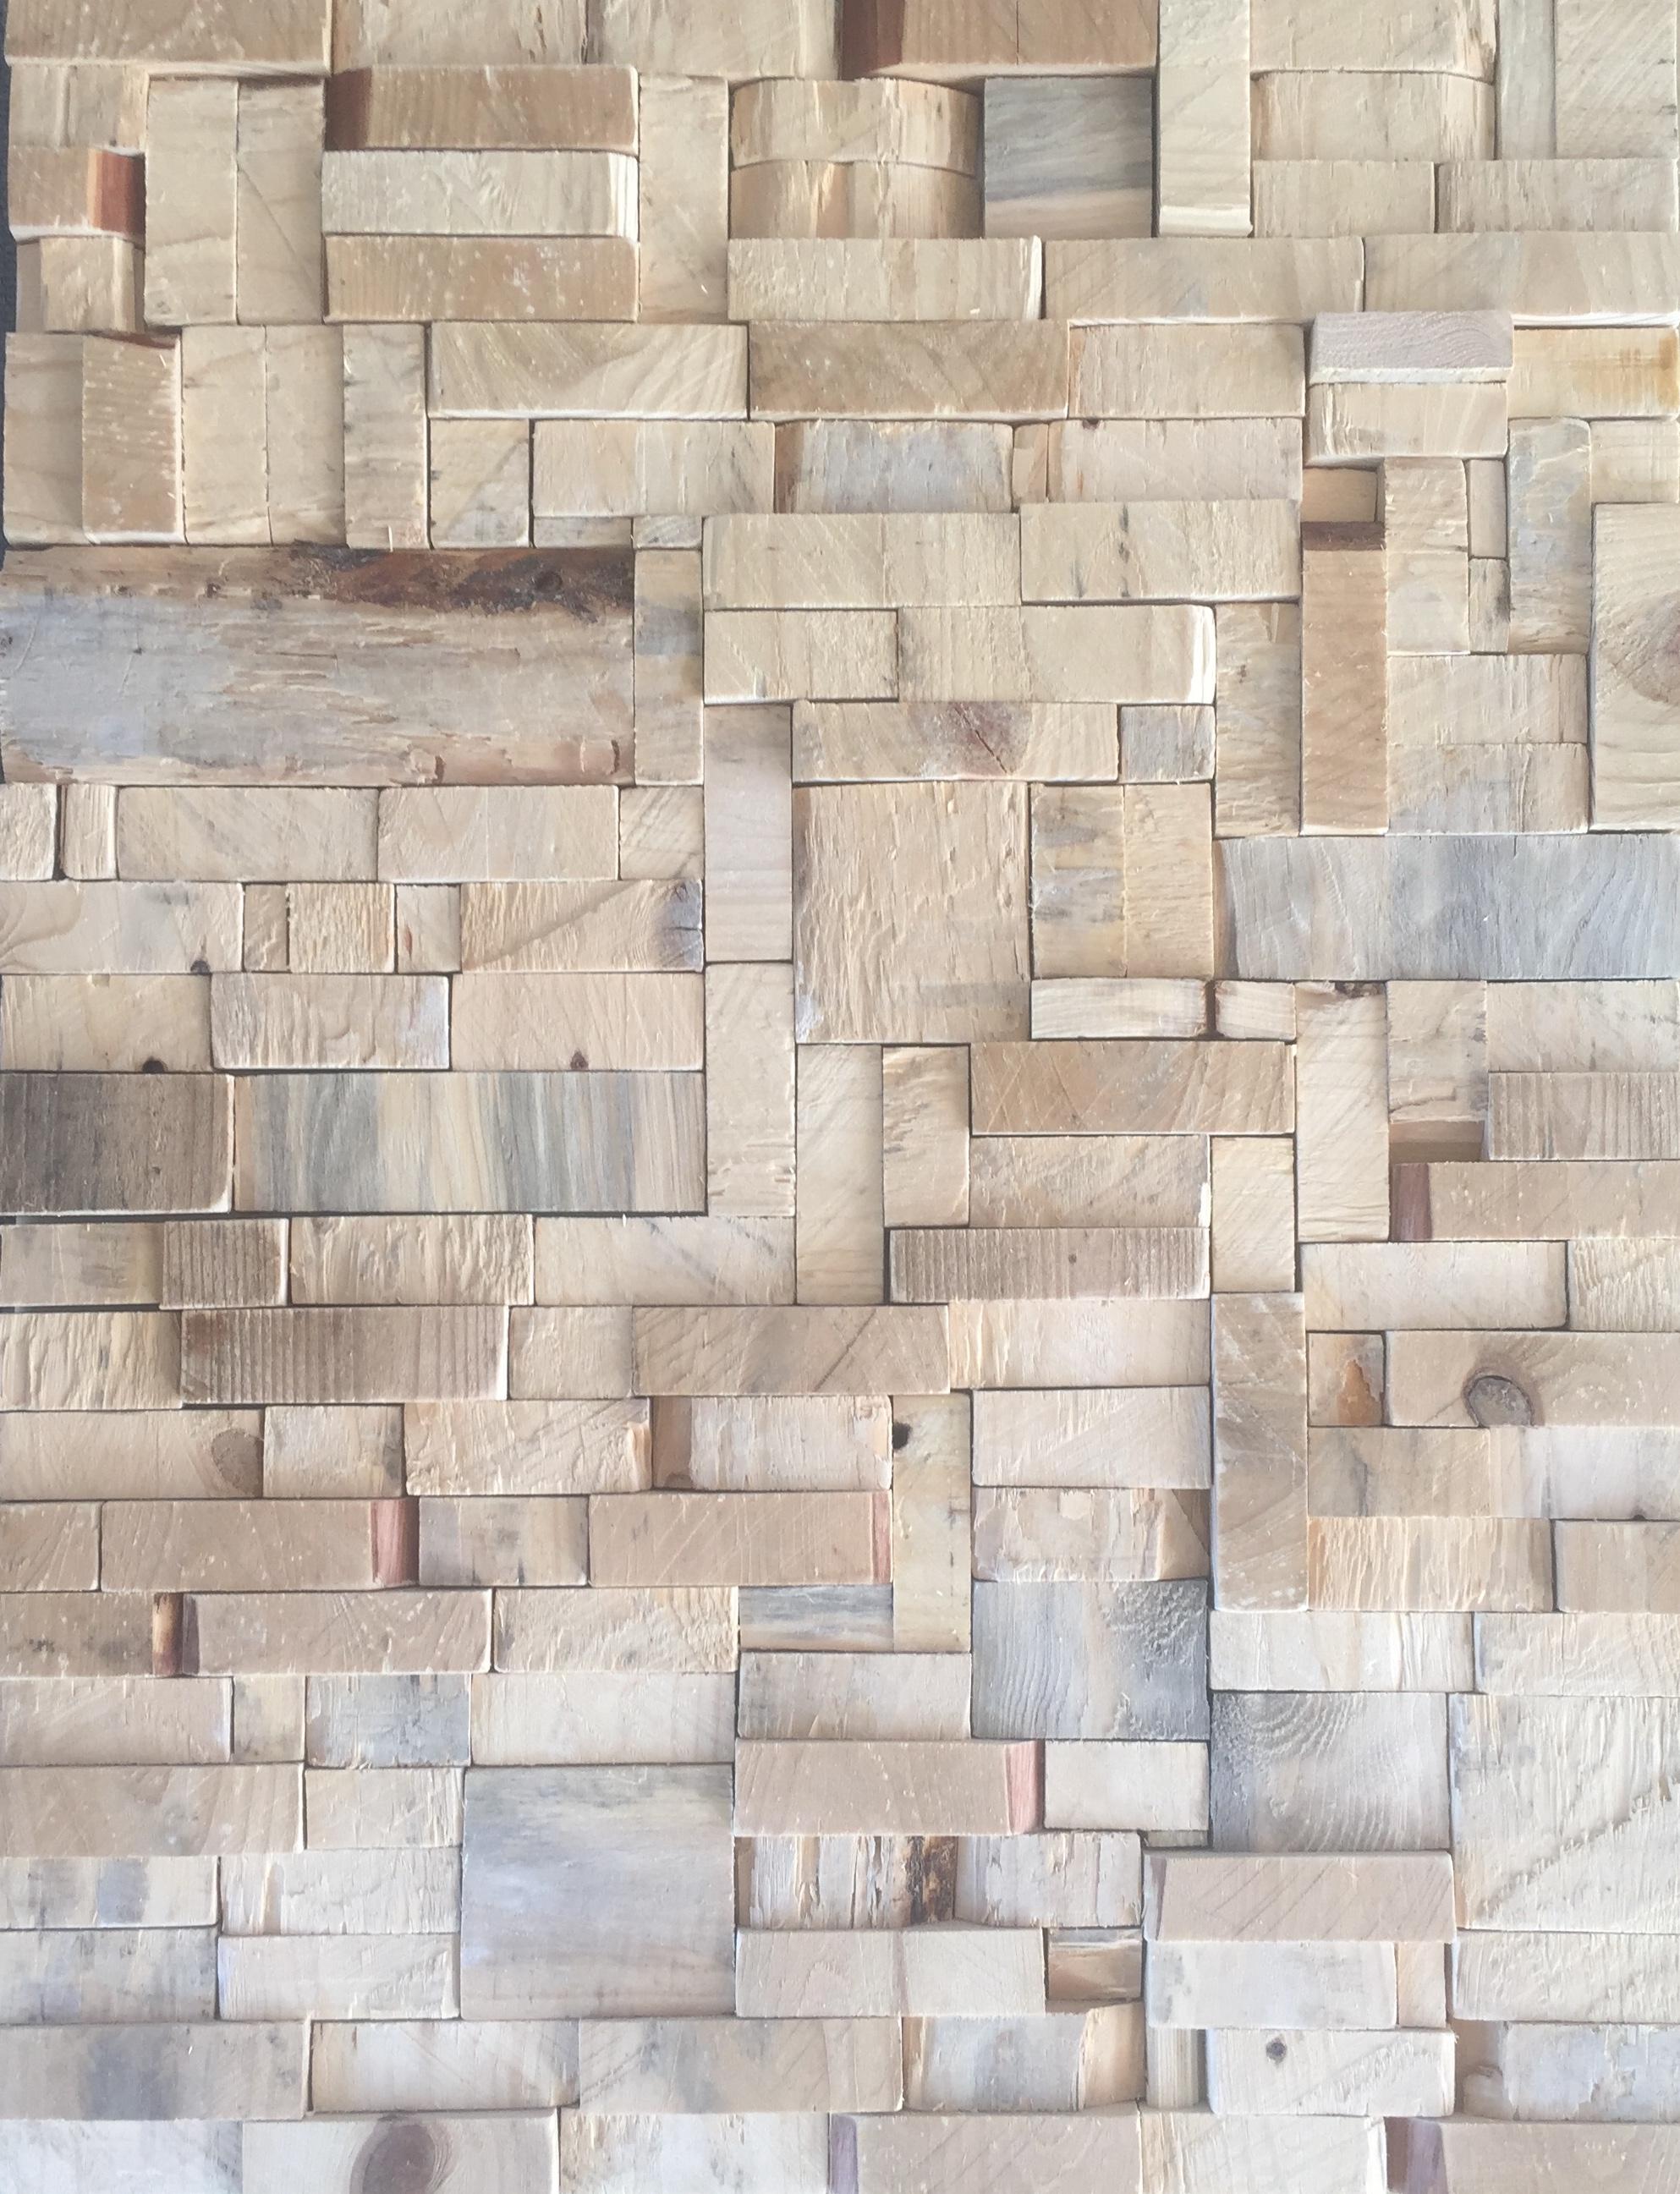 Compositie in blok - 54 x 65 cm. TE KOOP - € 580,-